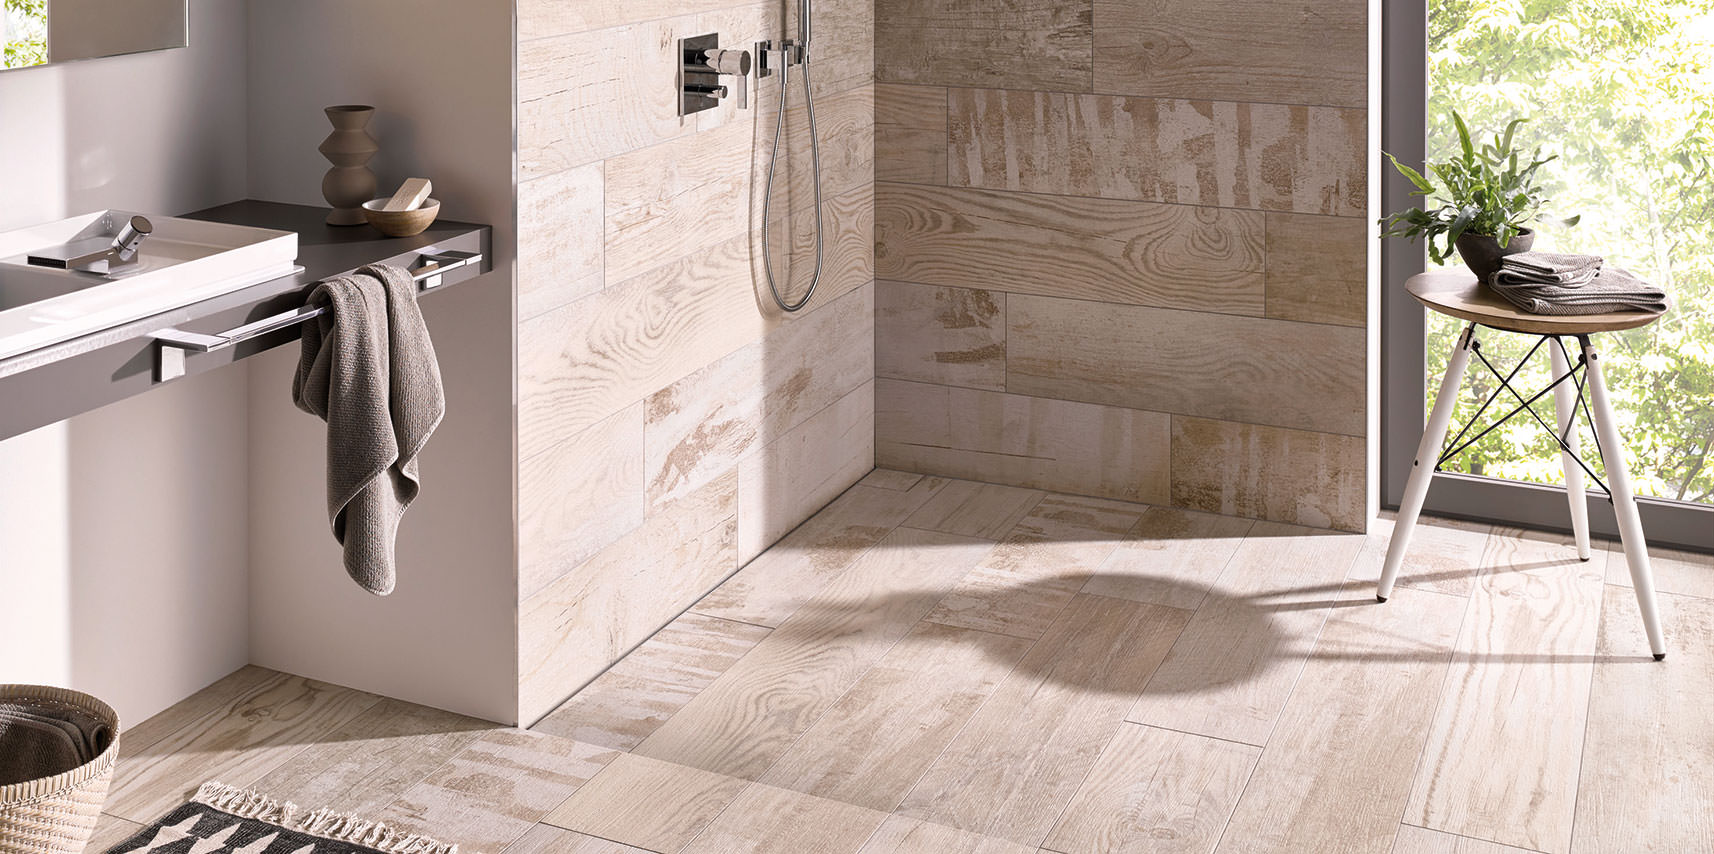 Full Size of Glastrennwand Dusche Rainshower Bodengleiche Duschen Wand Fliesen Bodengleich Moderne Unterputz Armatur Hüppe Hsk Begehbare Badewanne Haltegriff Schulte Dusche Bodengleiche Dusche